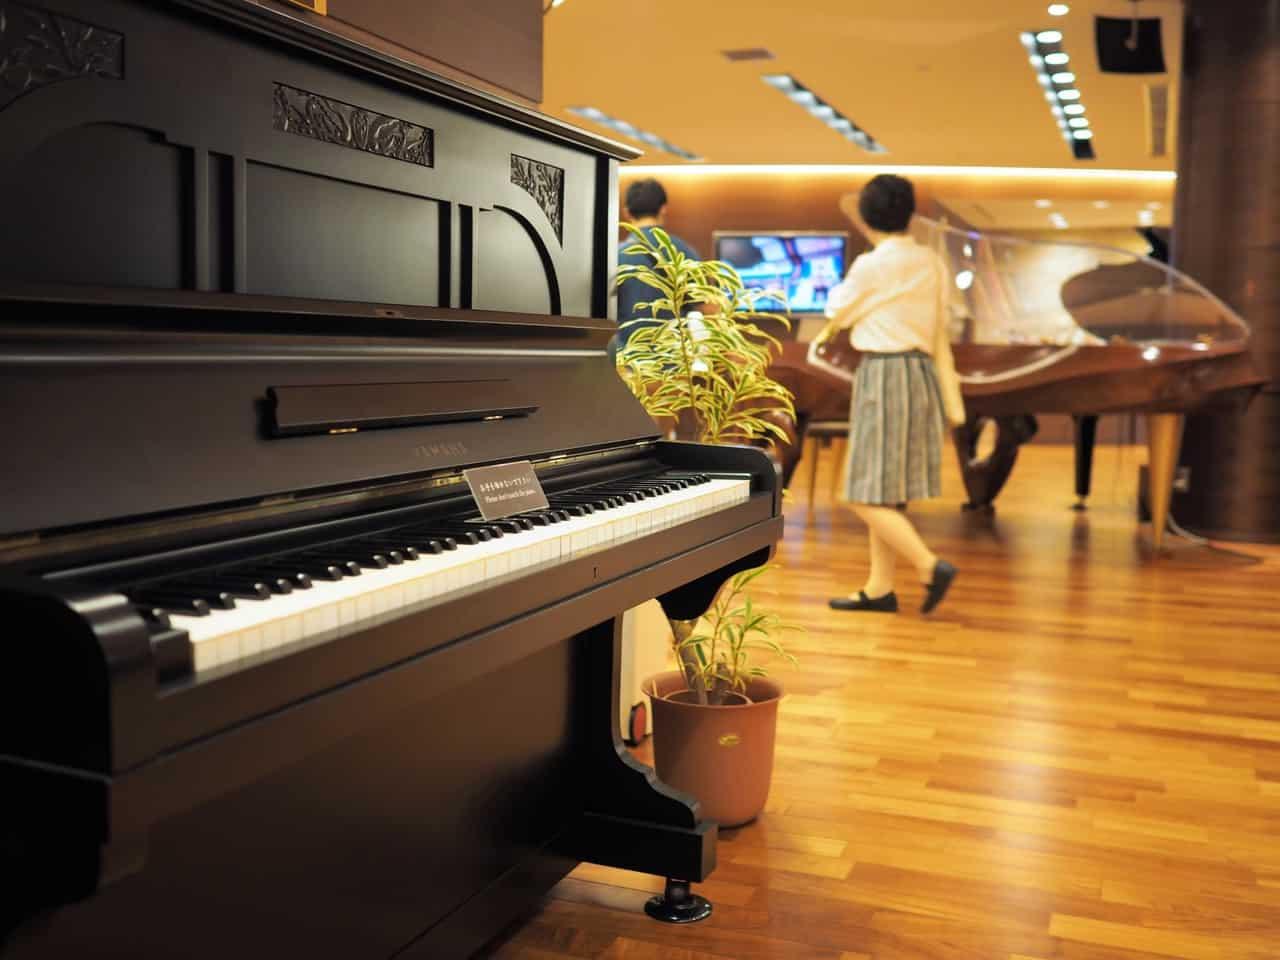 La naissance d'un piano à queue à l'usine Yamaha